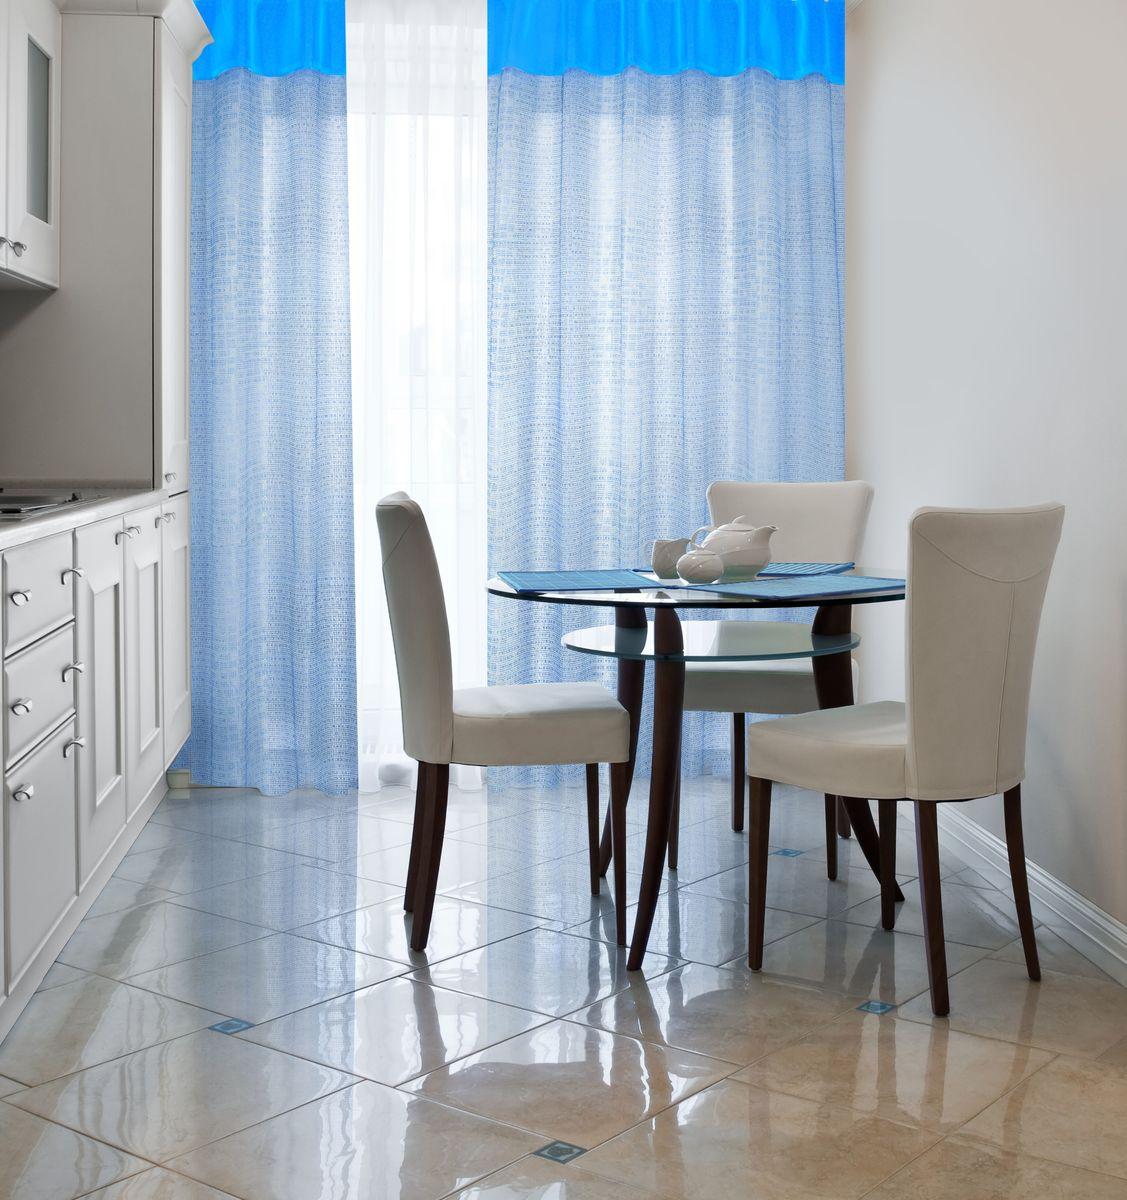 Штора Home Queen Бриз, на петлях, цвет: голубой, высота 250 см60538Яркая полупрозрачная штора в виде однотонной светло-голубой сетки с верхним широким бордюром из ярко-голубой тафты. Можно использовать как тюль или как основную штору. Способ крепления шторы - петли. 100% полиэстер